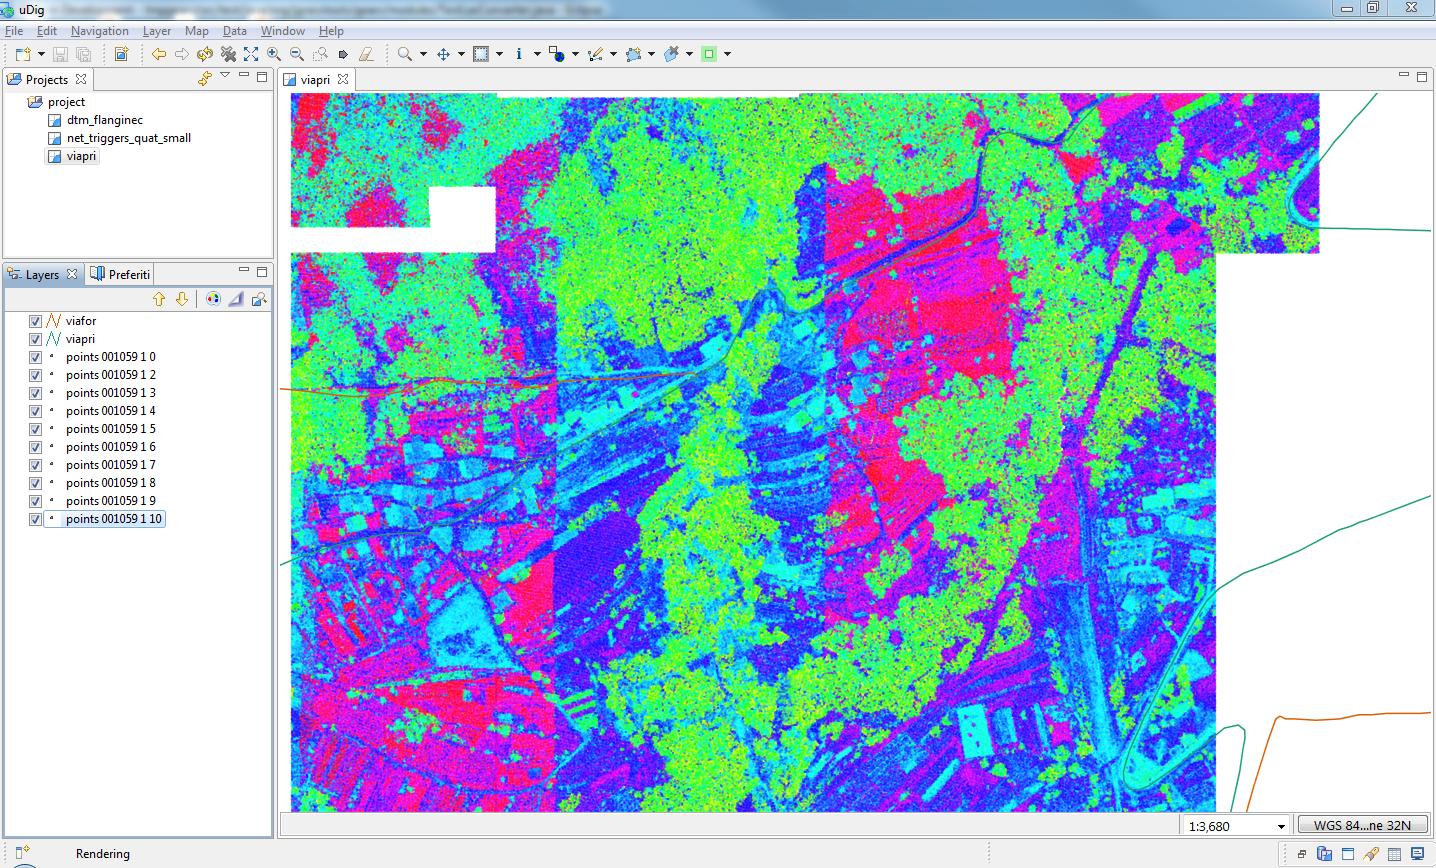 JGrass Tech Tips: LIDAR data & jgrasstools and uDig